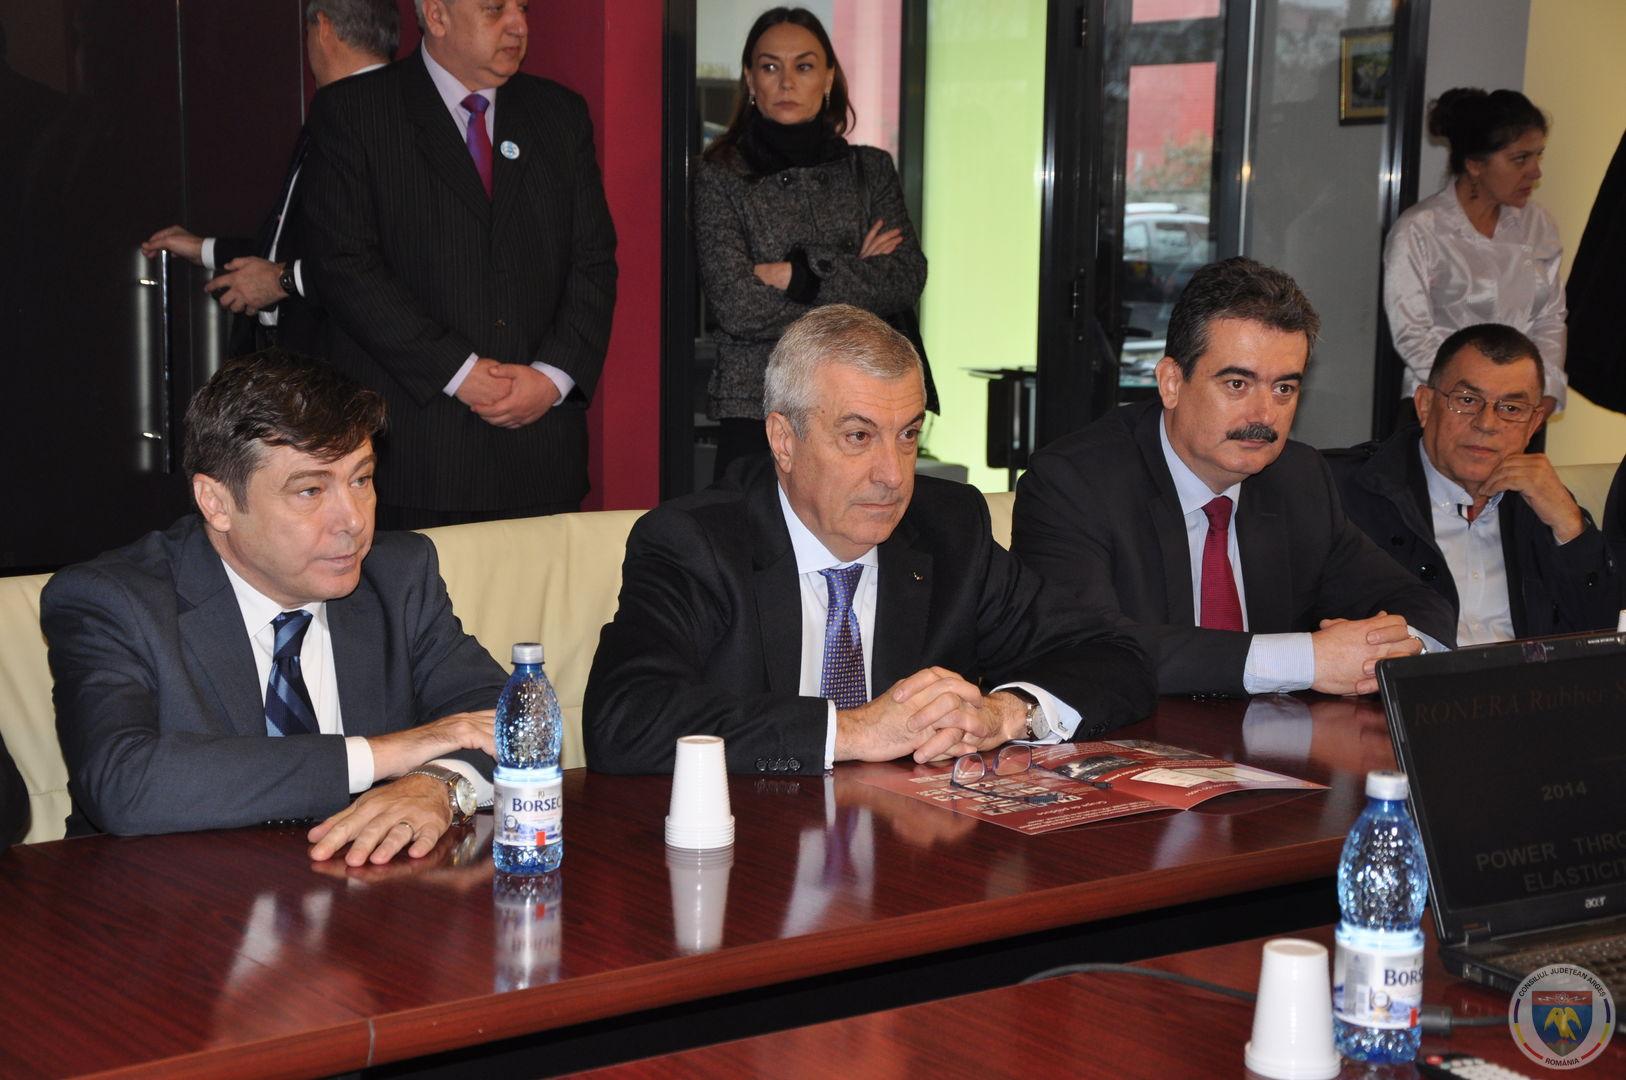 Vizita Calin Popescu Tariceanu 11.11.2014 (3).JPG